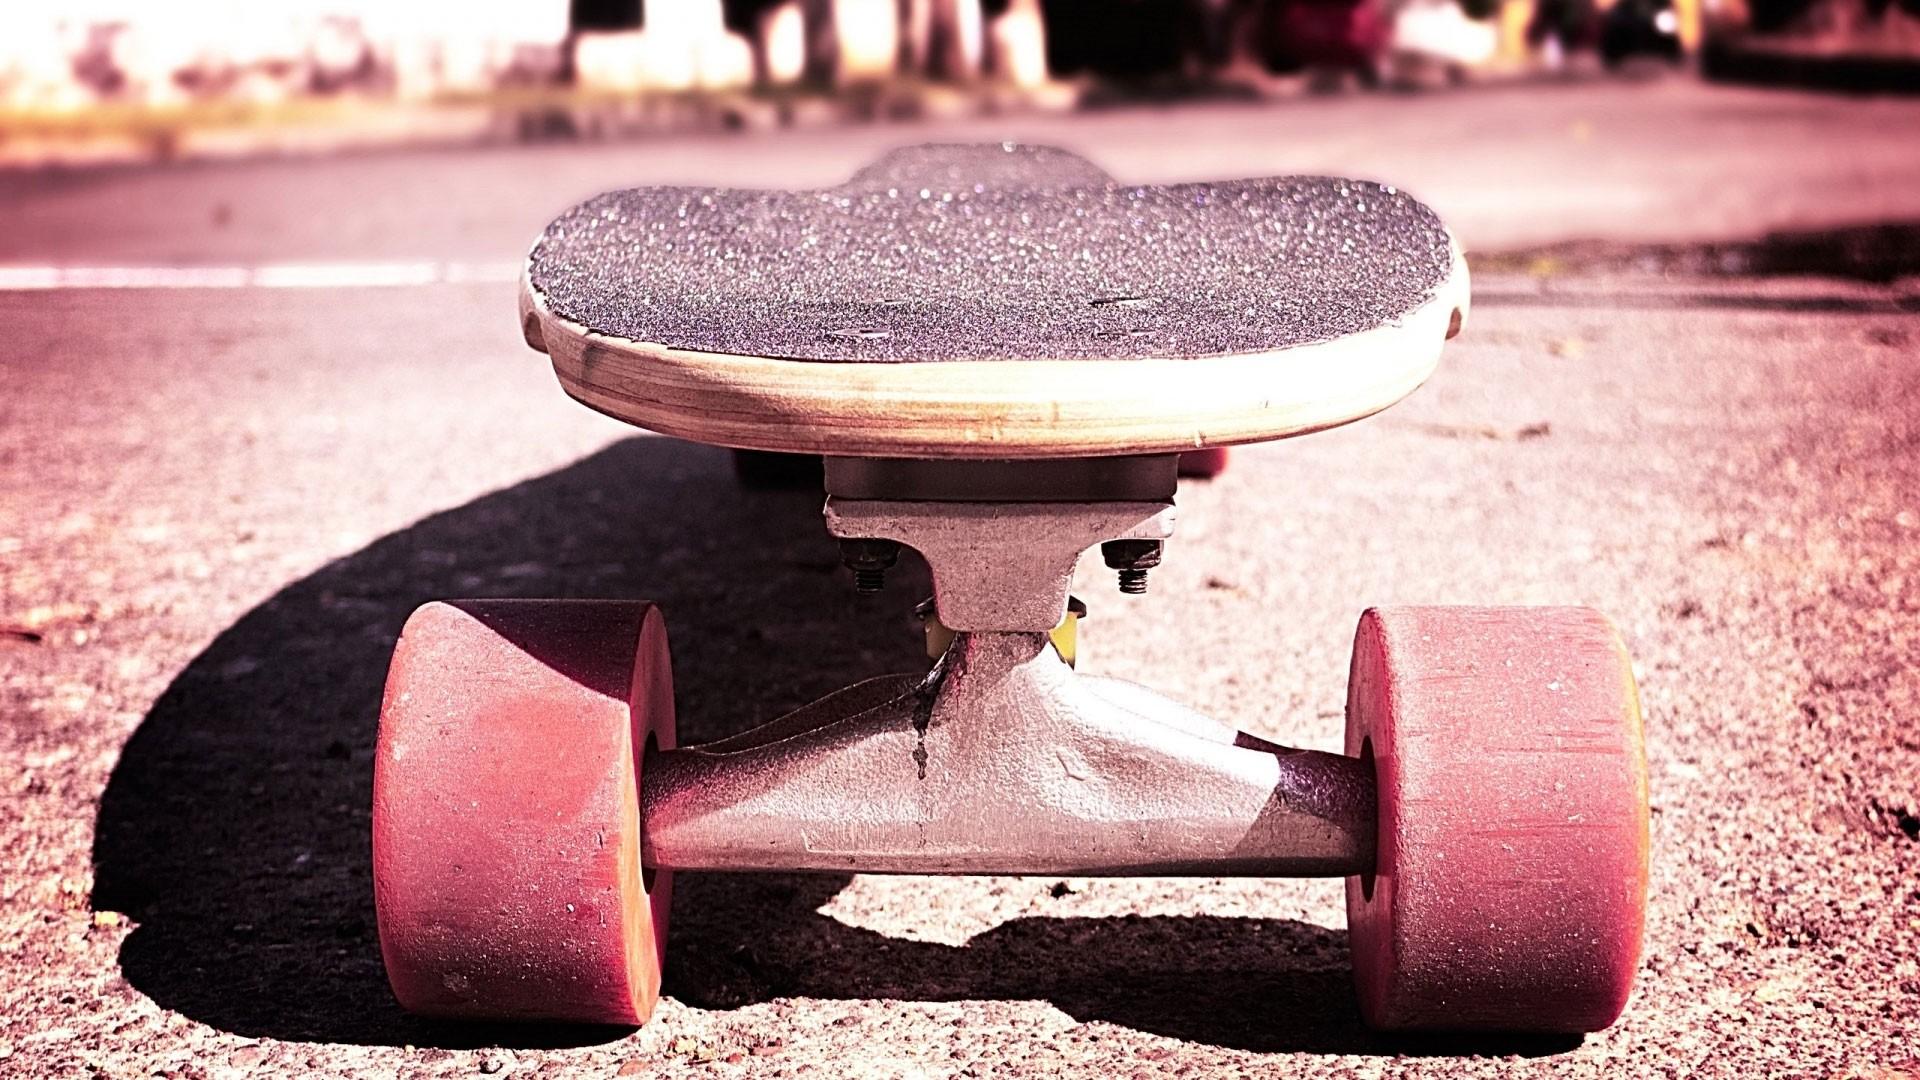 Skateboard Wallpaper image hd